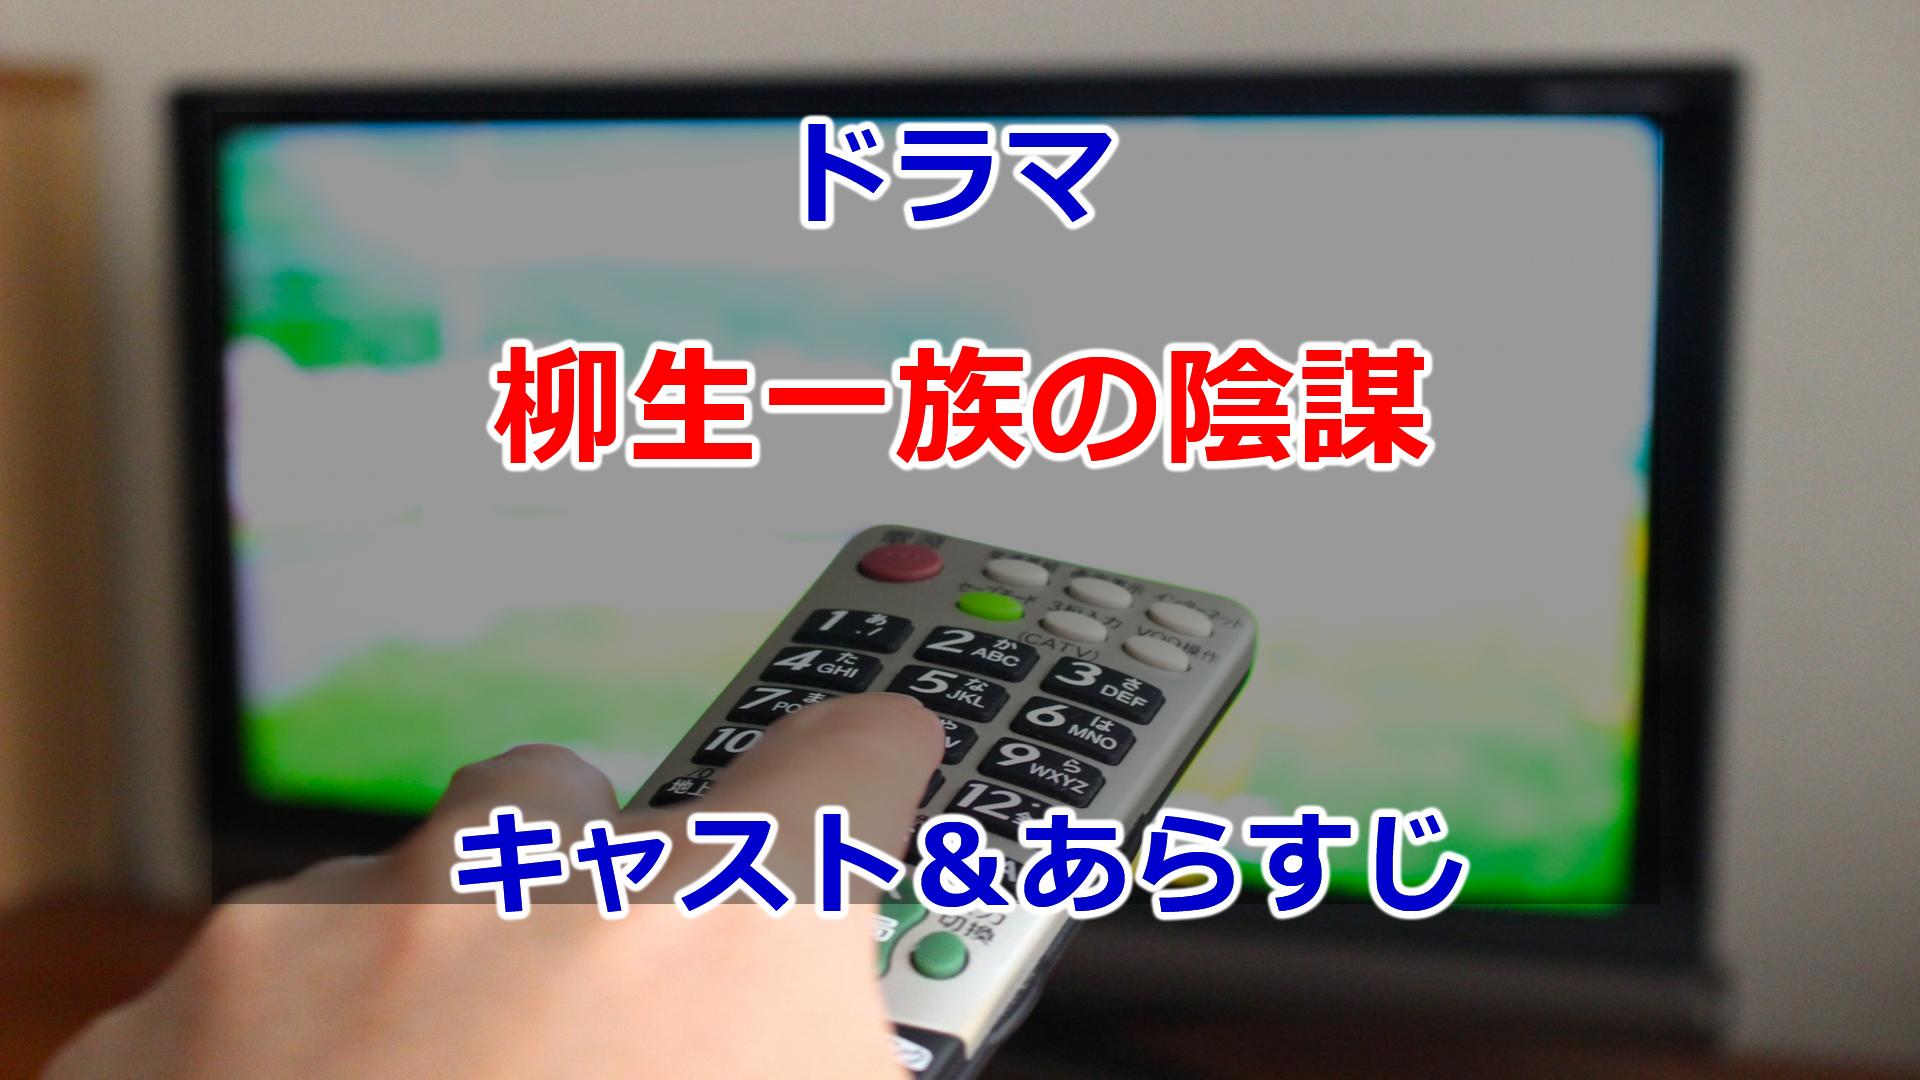 2020春SPドラマ柳生一族の陰謀キャスト&あらすじ